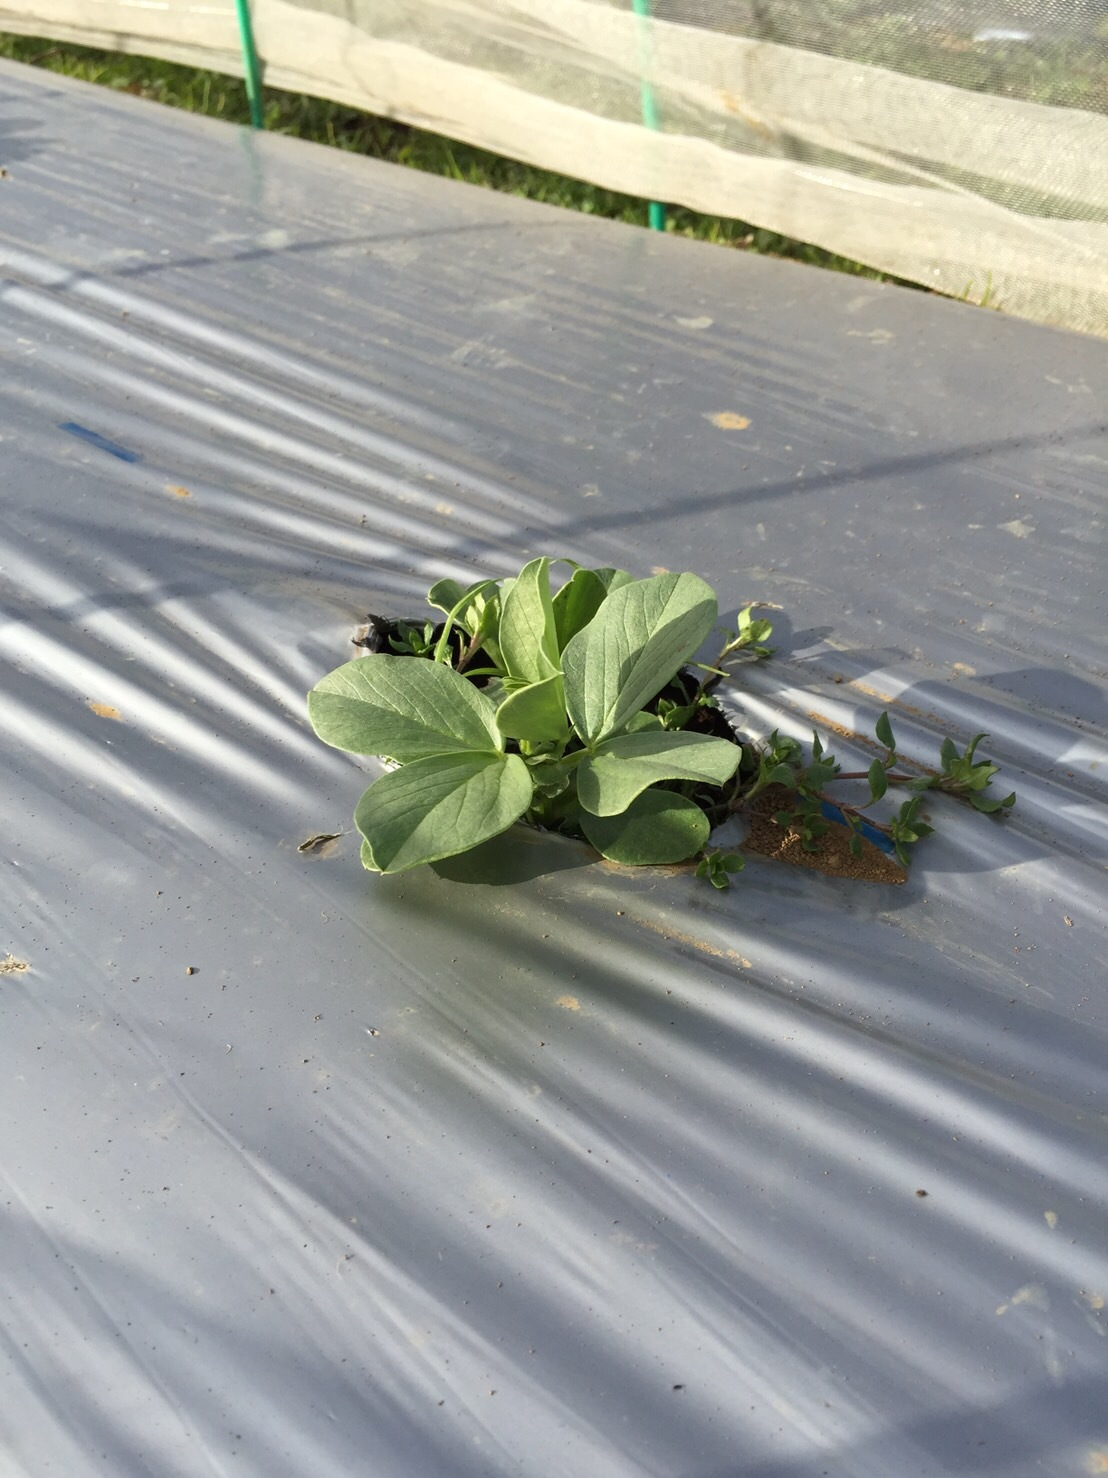 今日で畑仕事納めです ブロッコリー 小松菜 菜の花 カーヴォロネーロ レタス ルッコラを中心に収穫です_c0222448_14333847.jpg